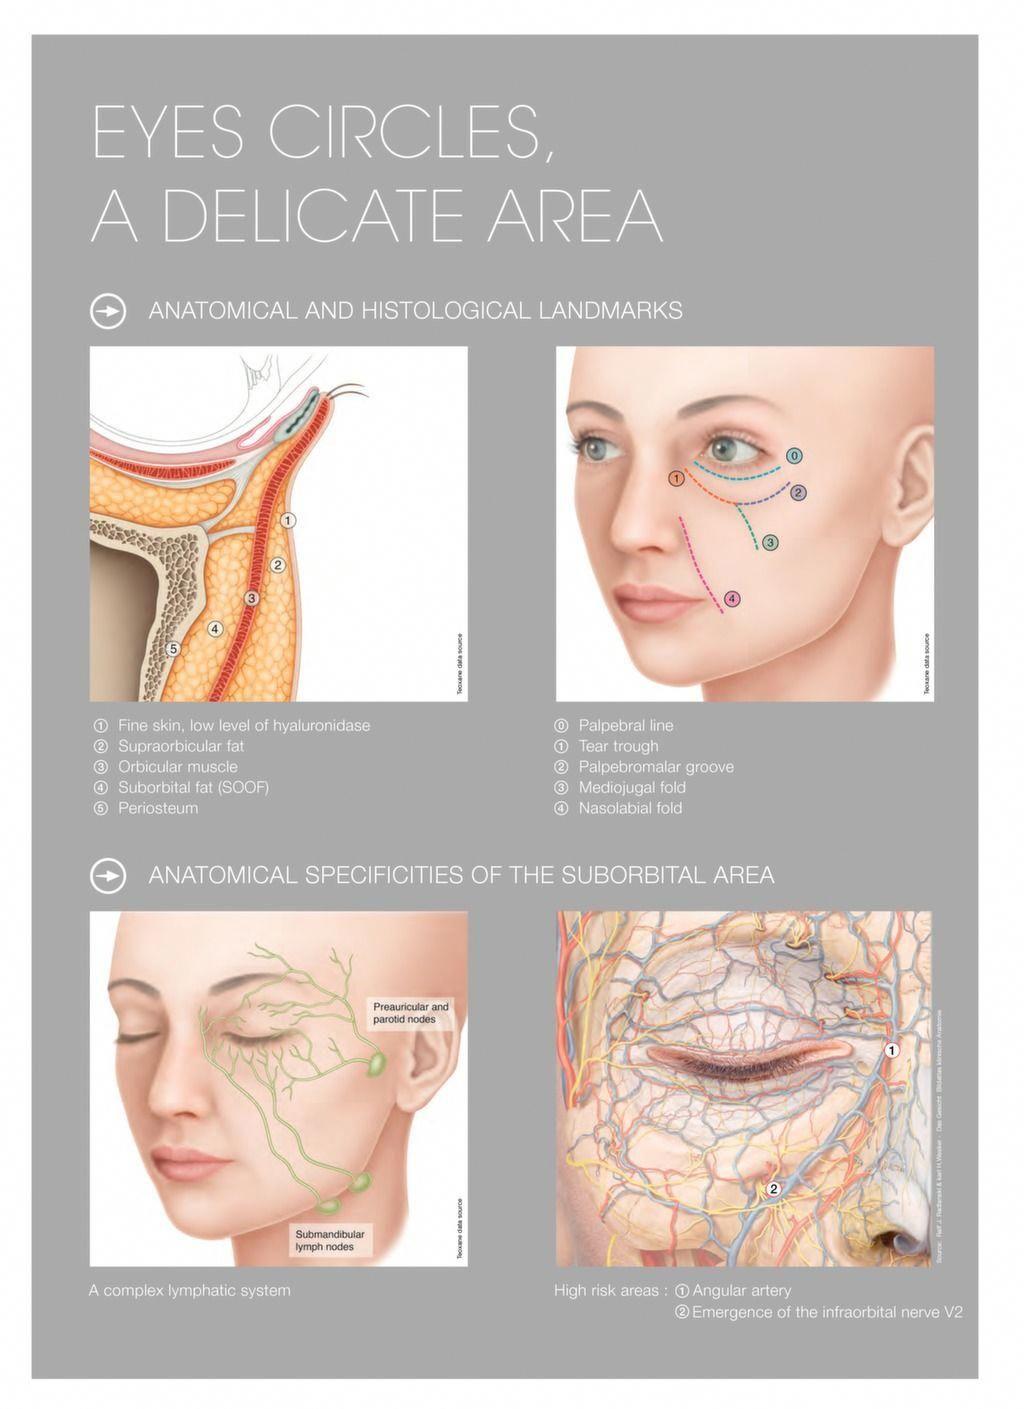 Teosyal ® PureSense Redensity II | Aesthetics | Botox